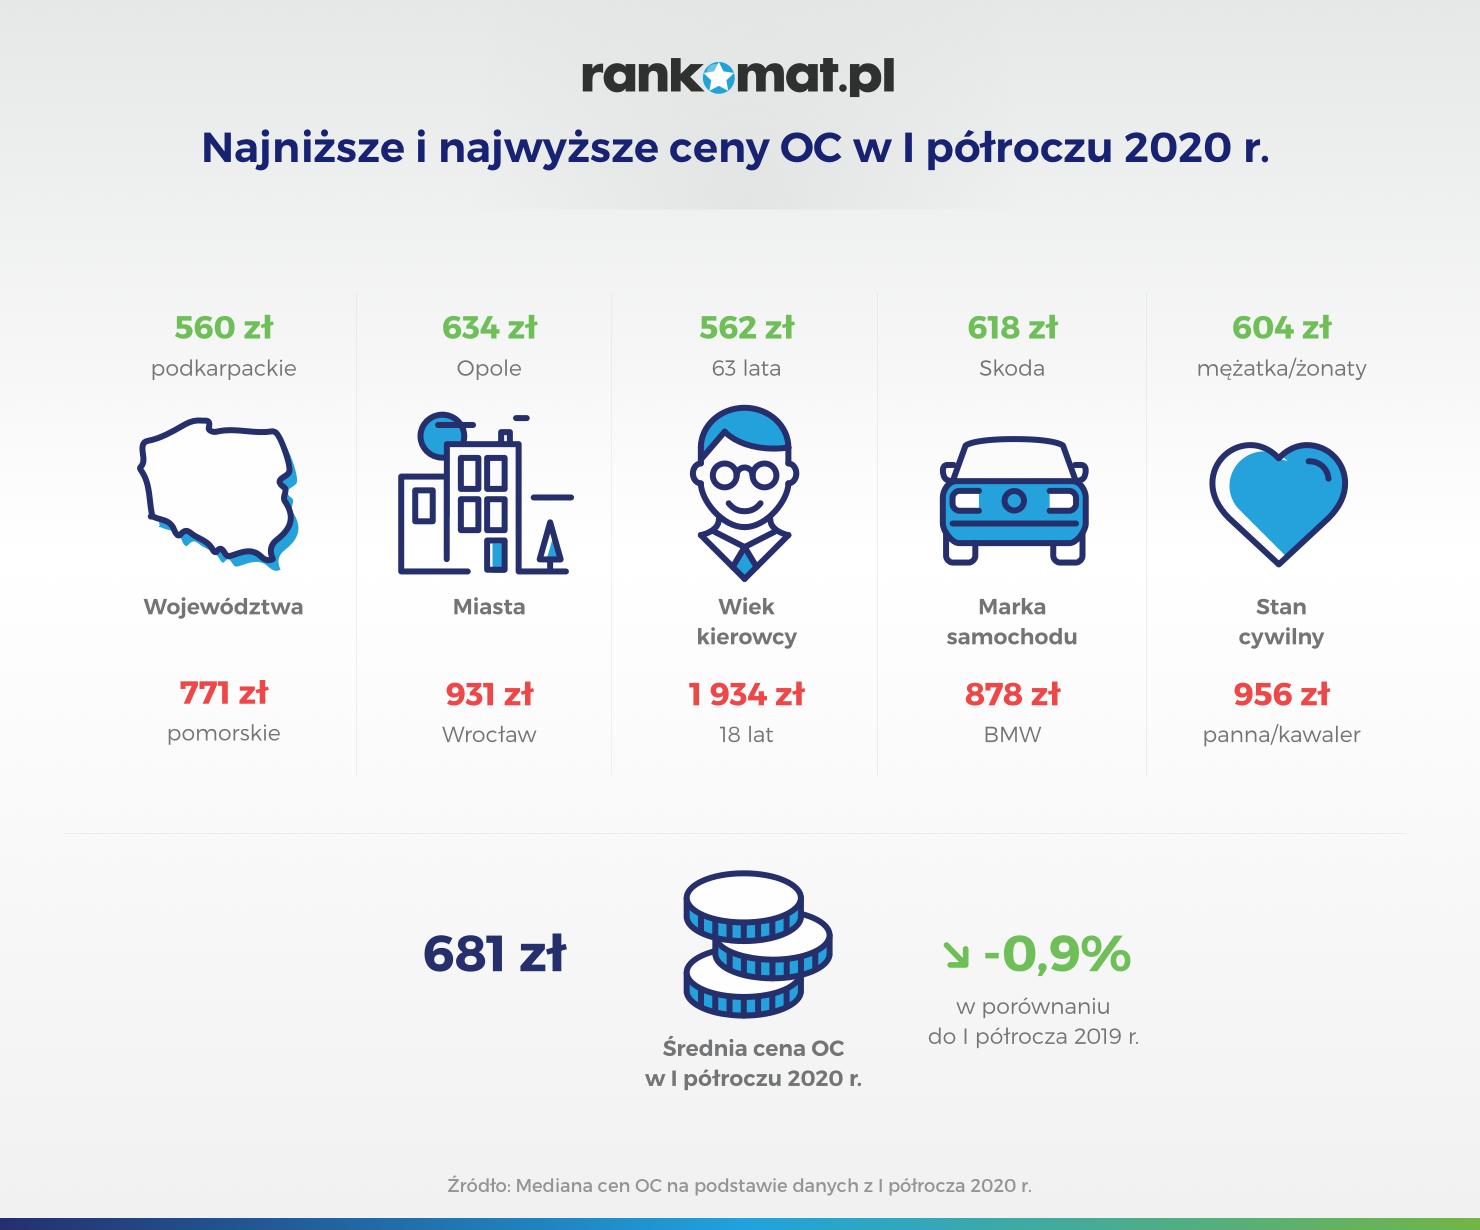 Najniższe i najwyższe ceny OC w I półroczu 2020 r_v1